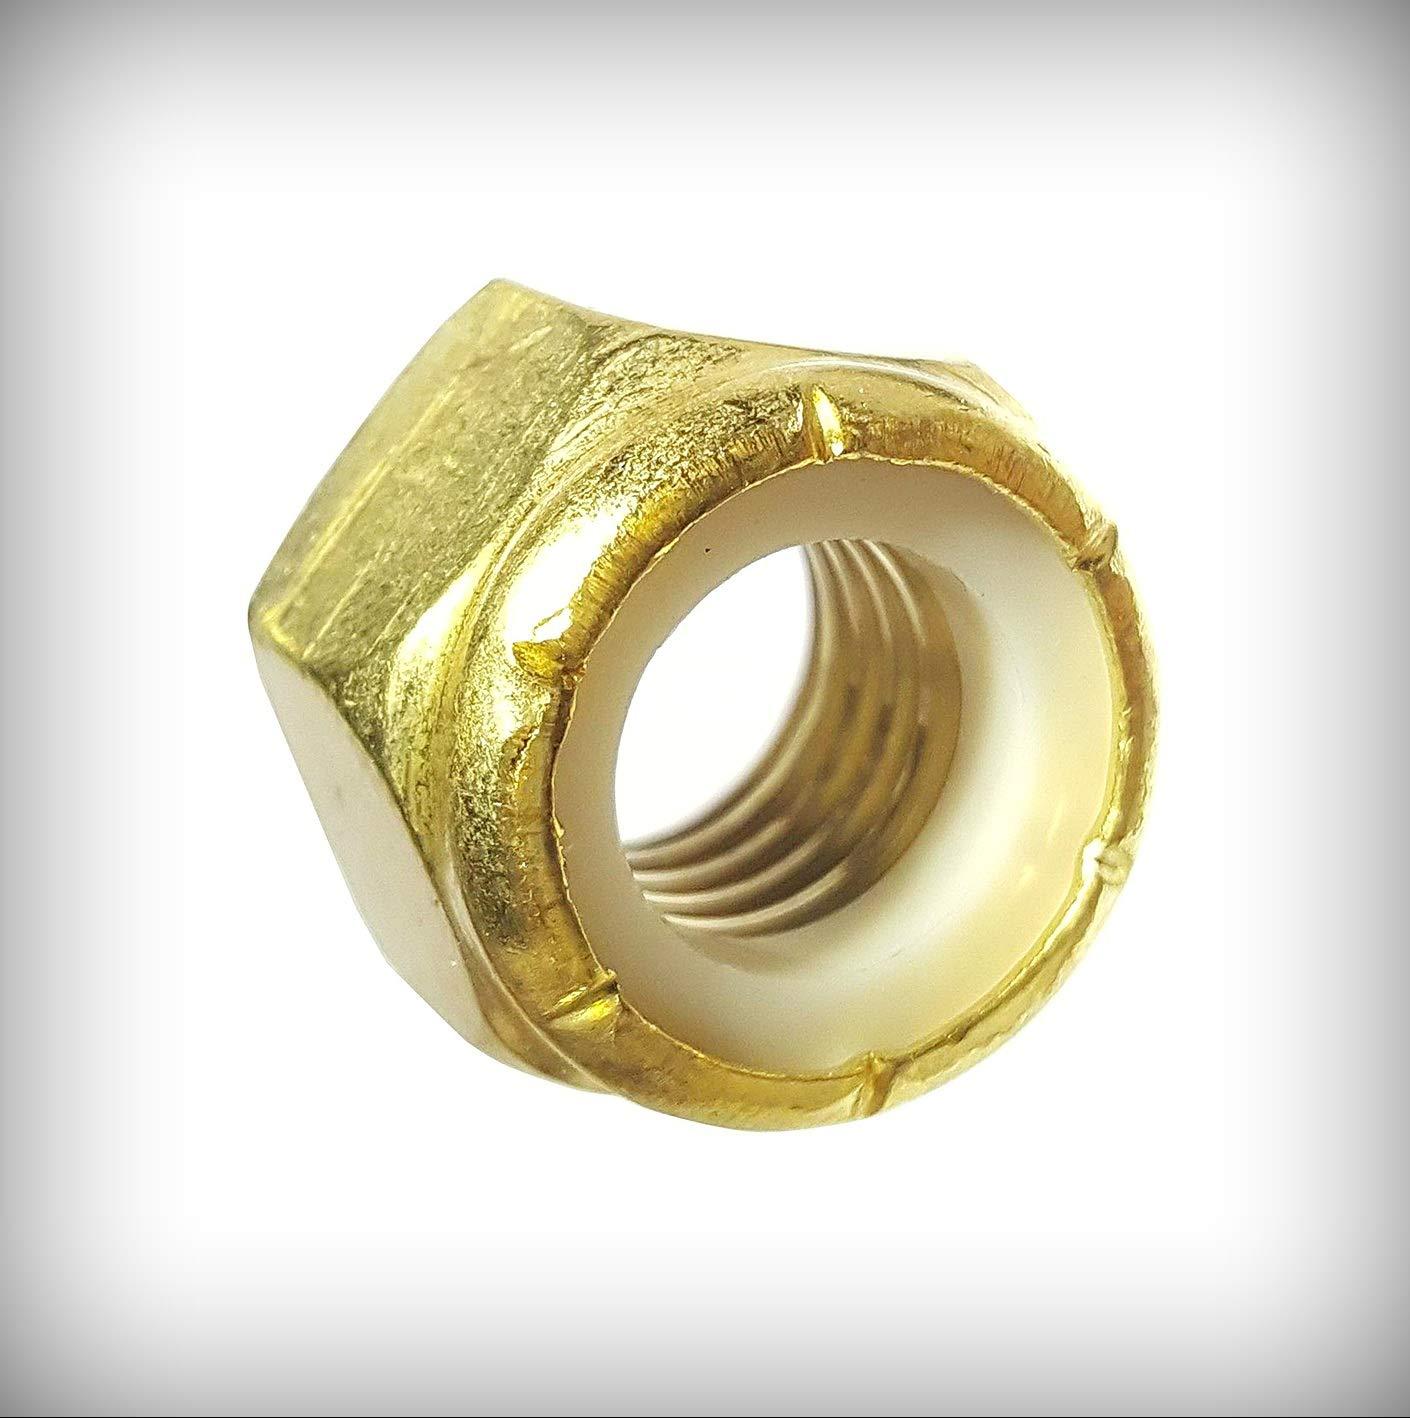 Ranking TOP14 New Lot of 250 Pcs supreme 5 16-18 Hex Insert Locknut Nylon Solid Brass